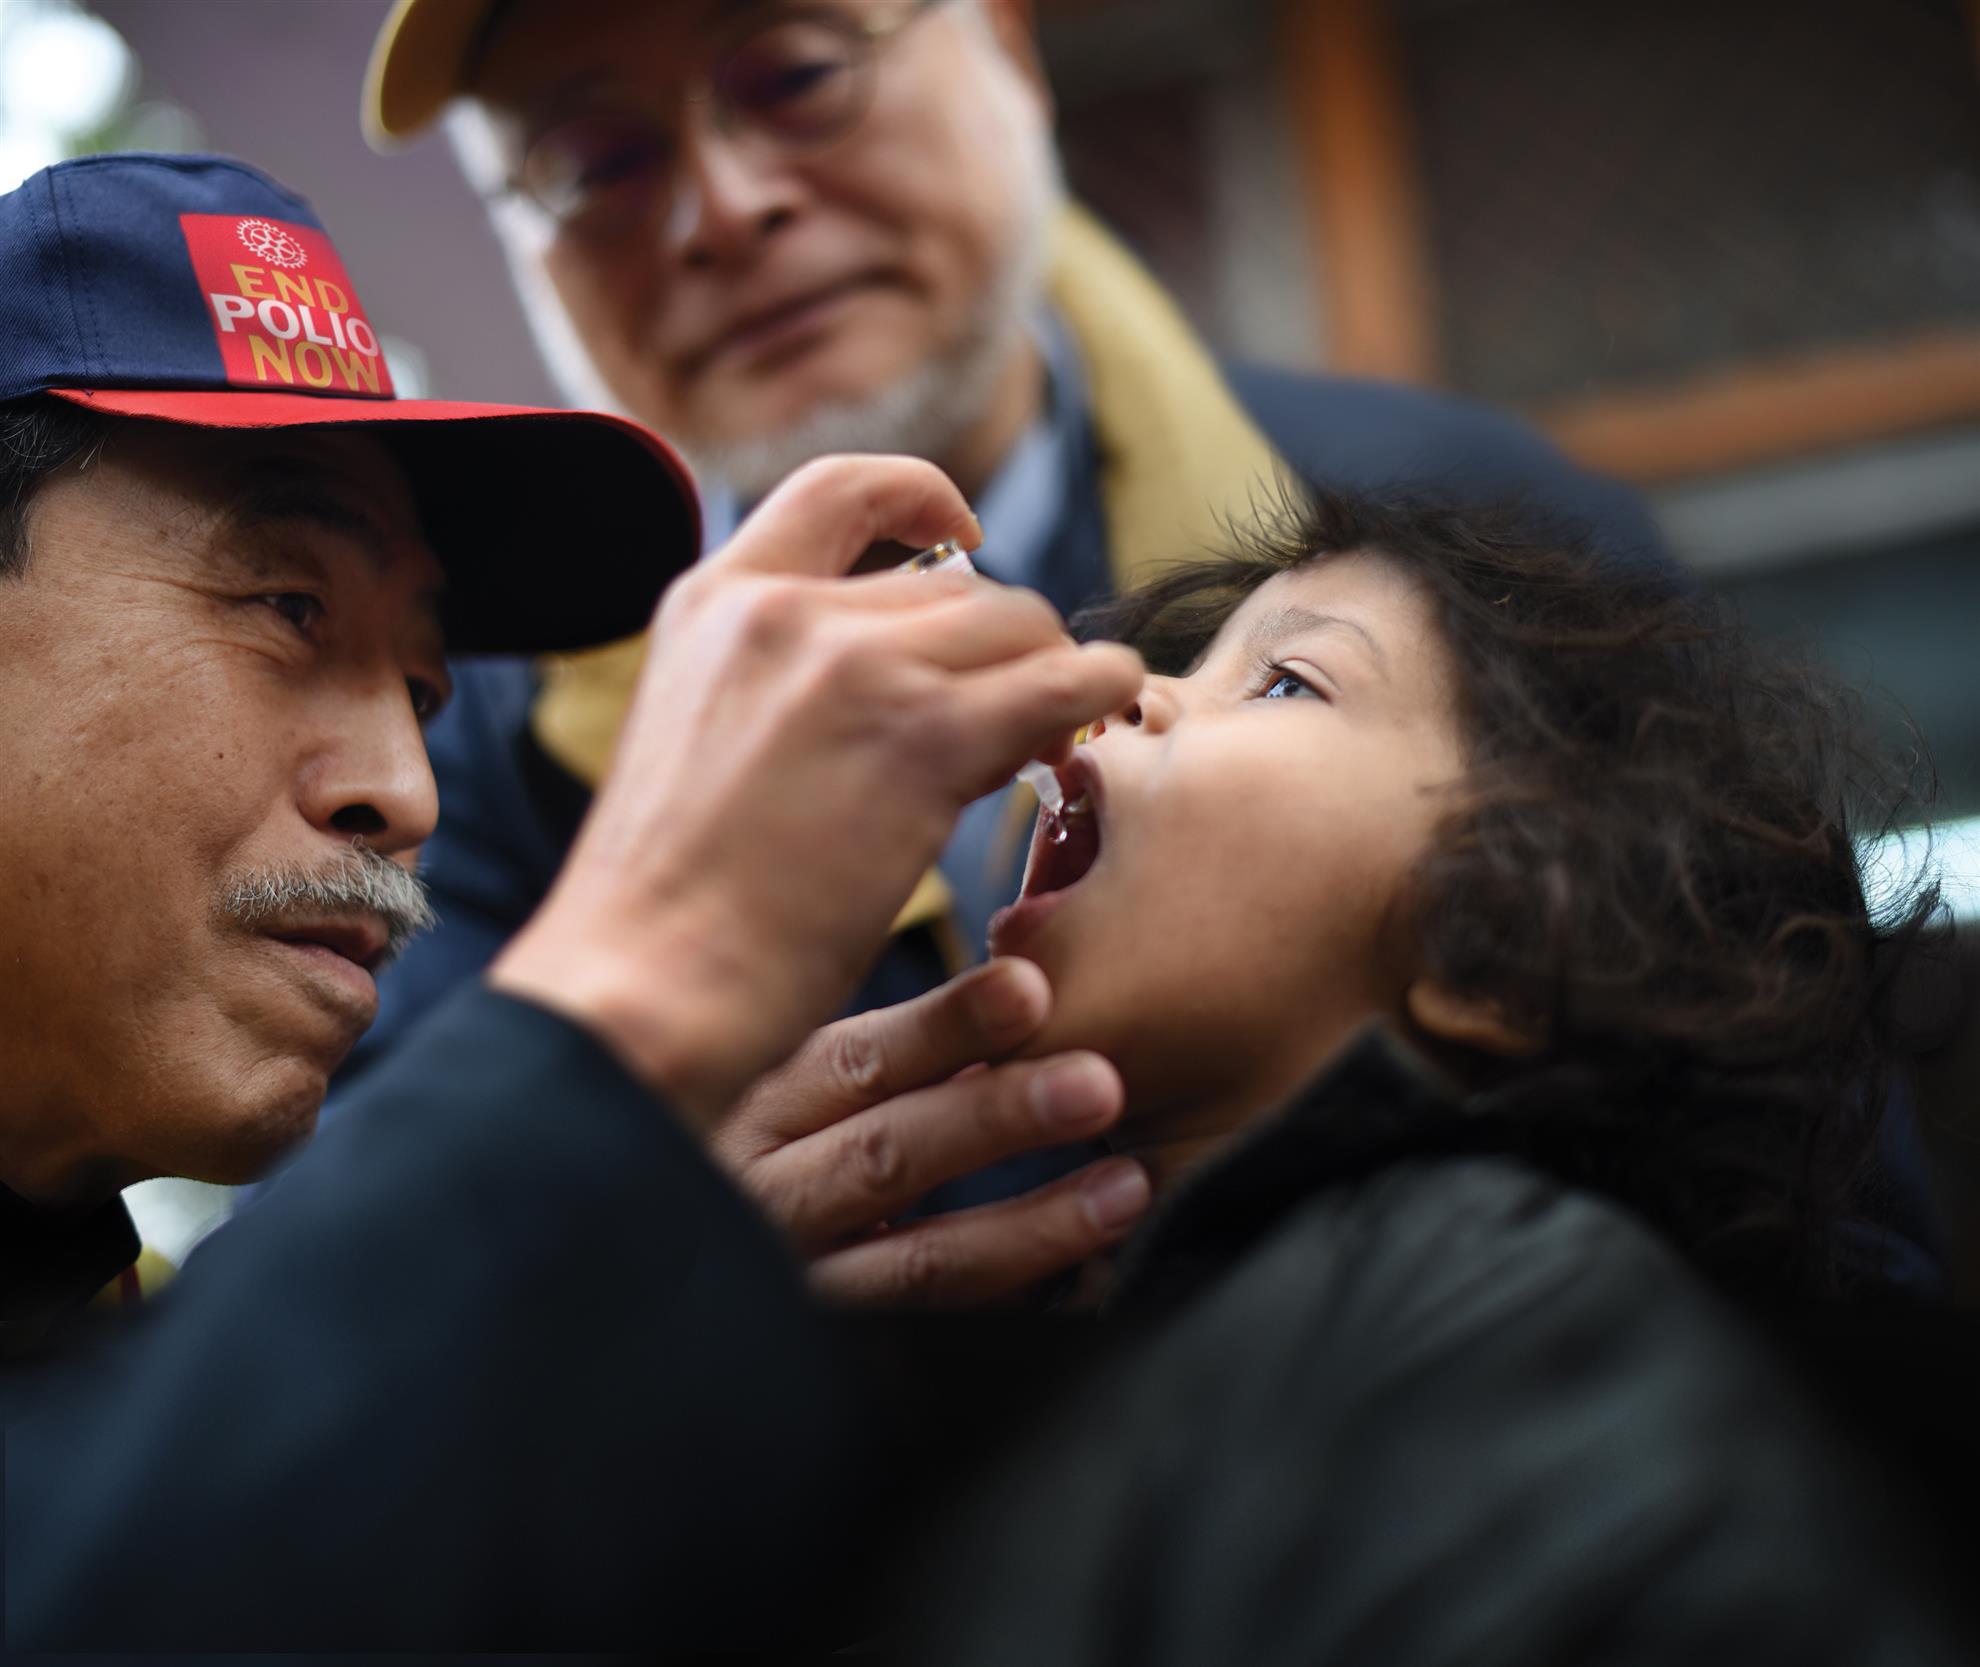 Immunizing children worldwide against polio